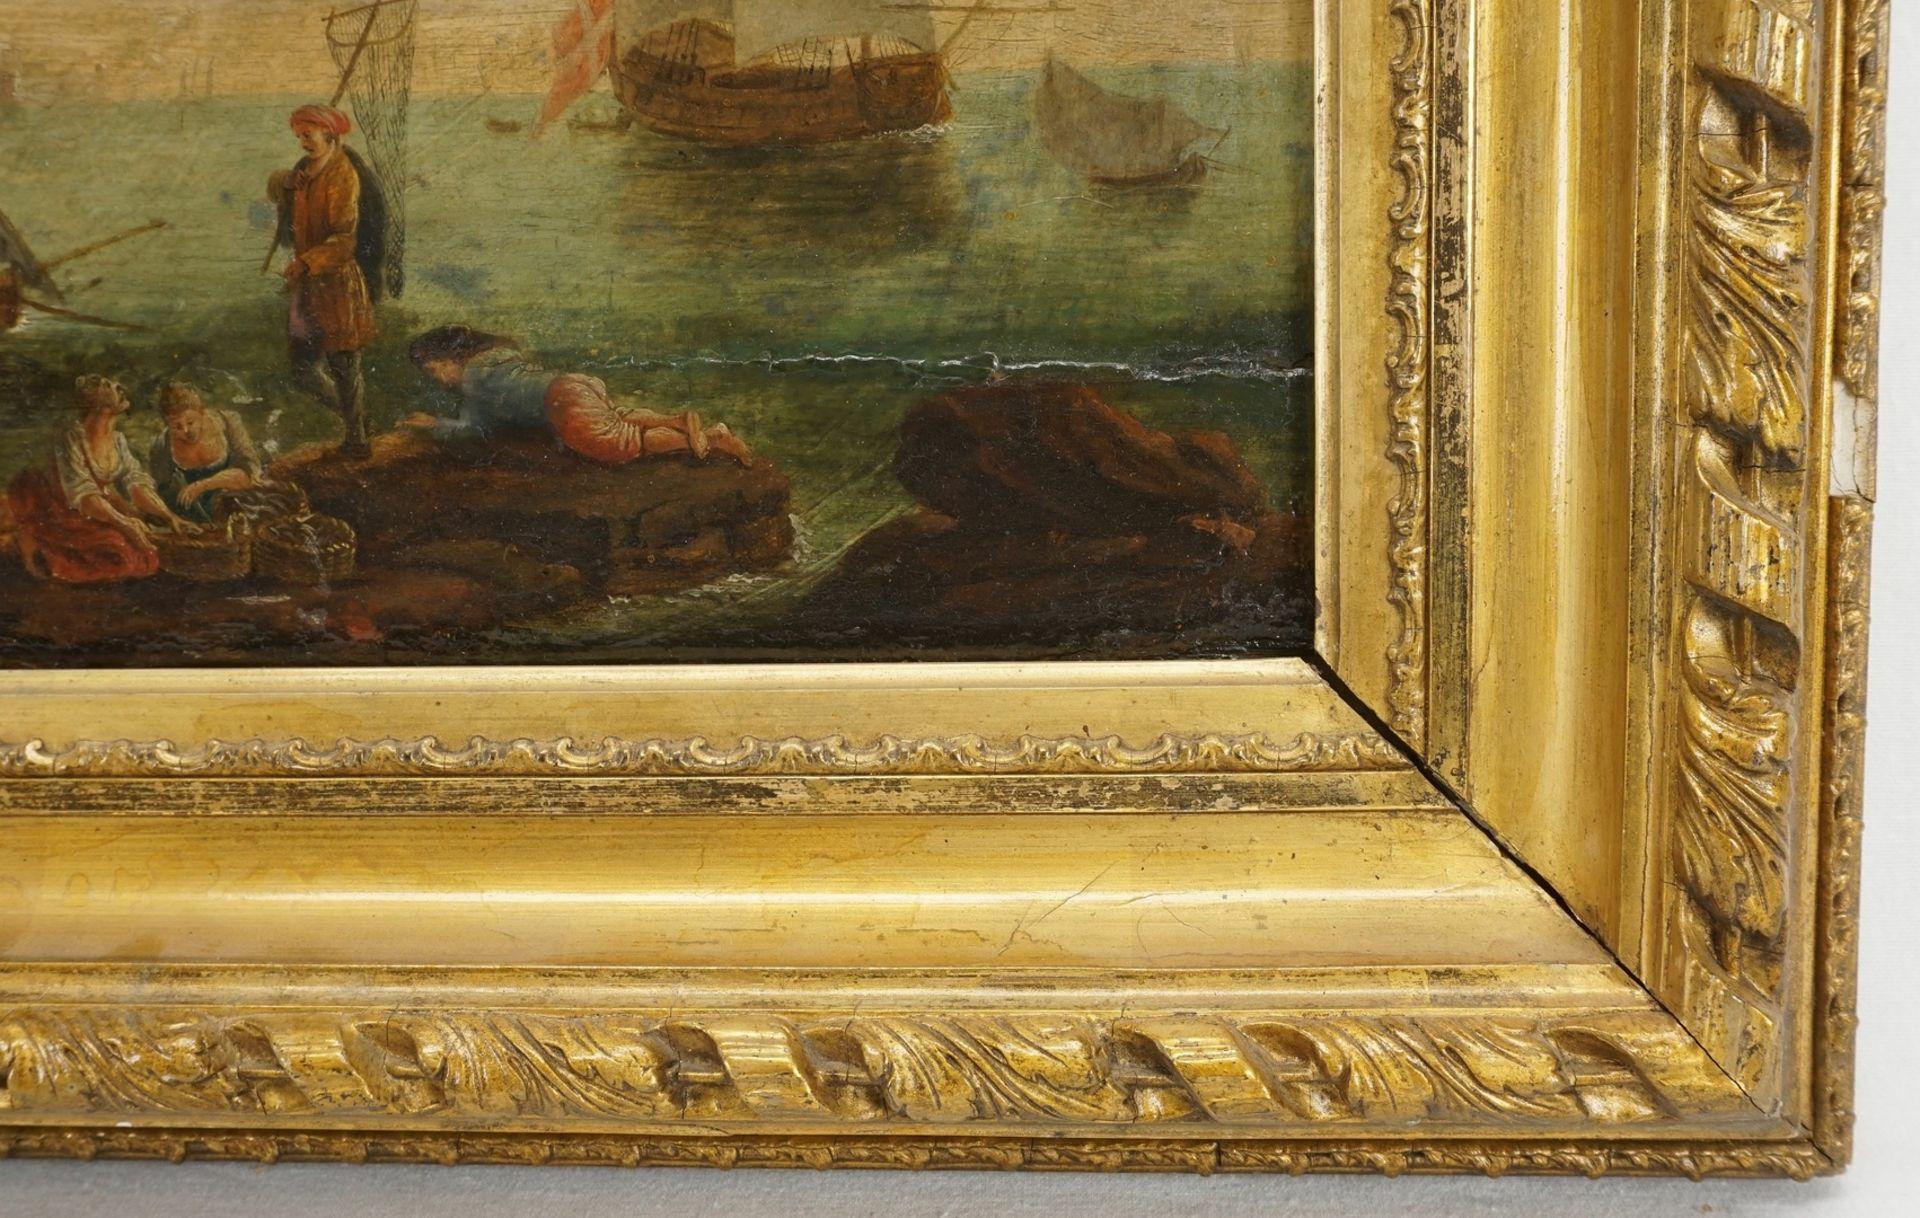 Fischergruppe am Felsentor - Bild 4 aus 4